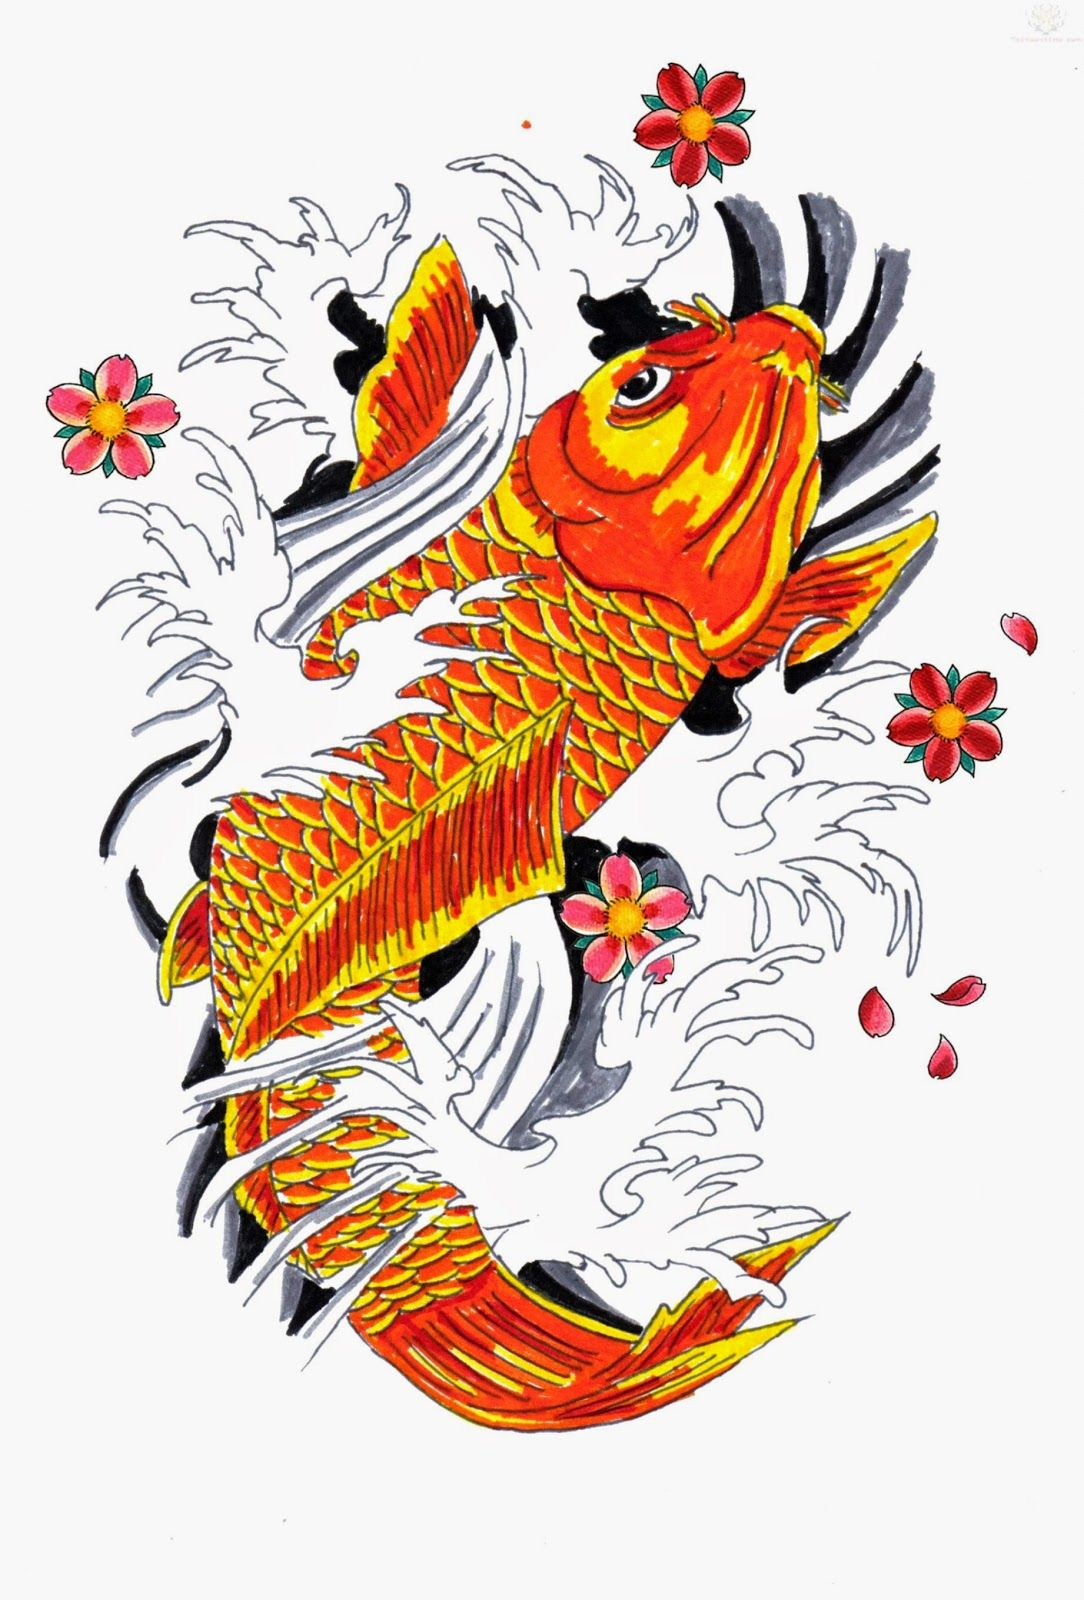 Tattoo Koi Free Tattoo Pictures Japanese Koi Fish Tattoo Koi Fish Drawing Koi Tattoo Design